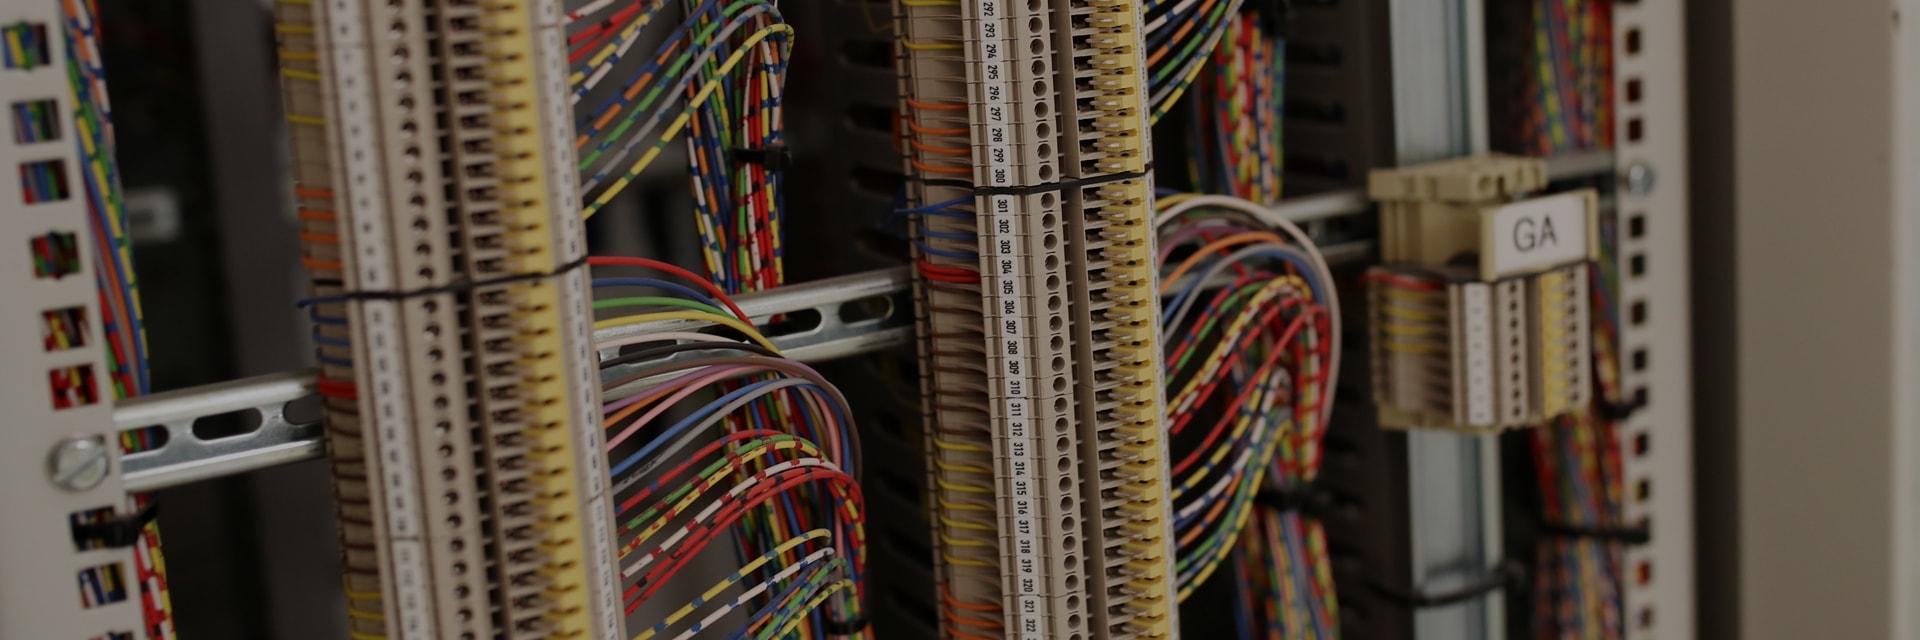 1920x640-wiring-min